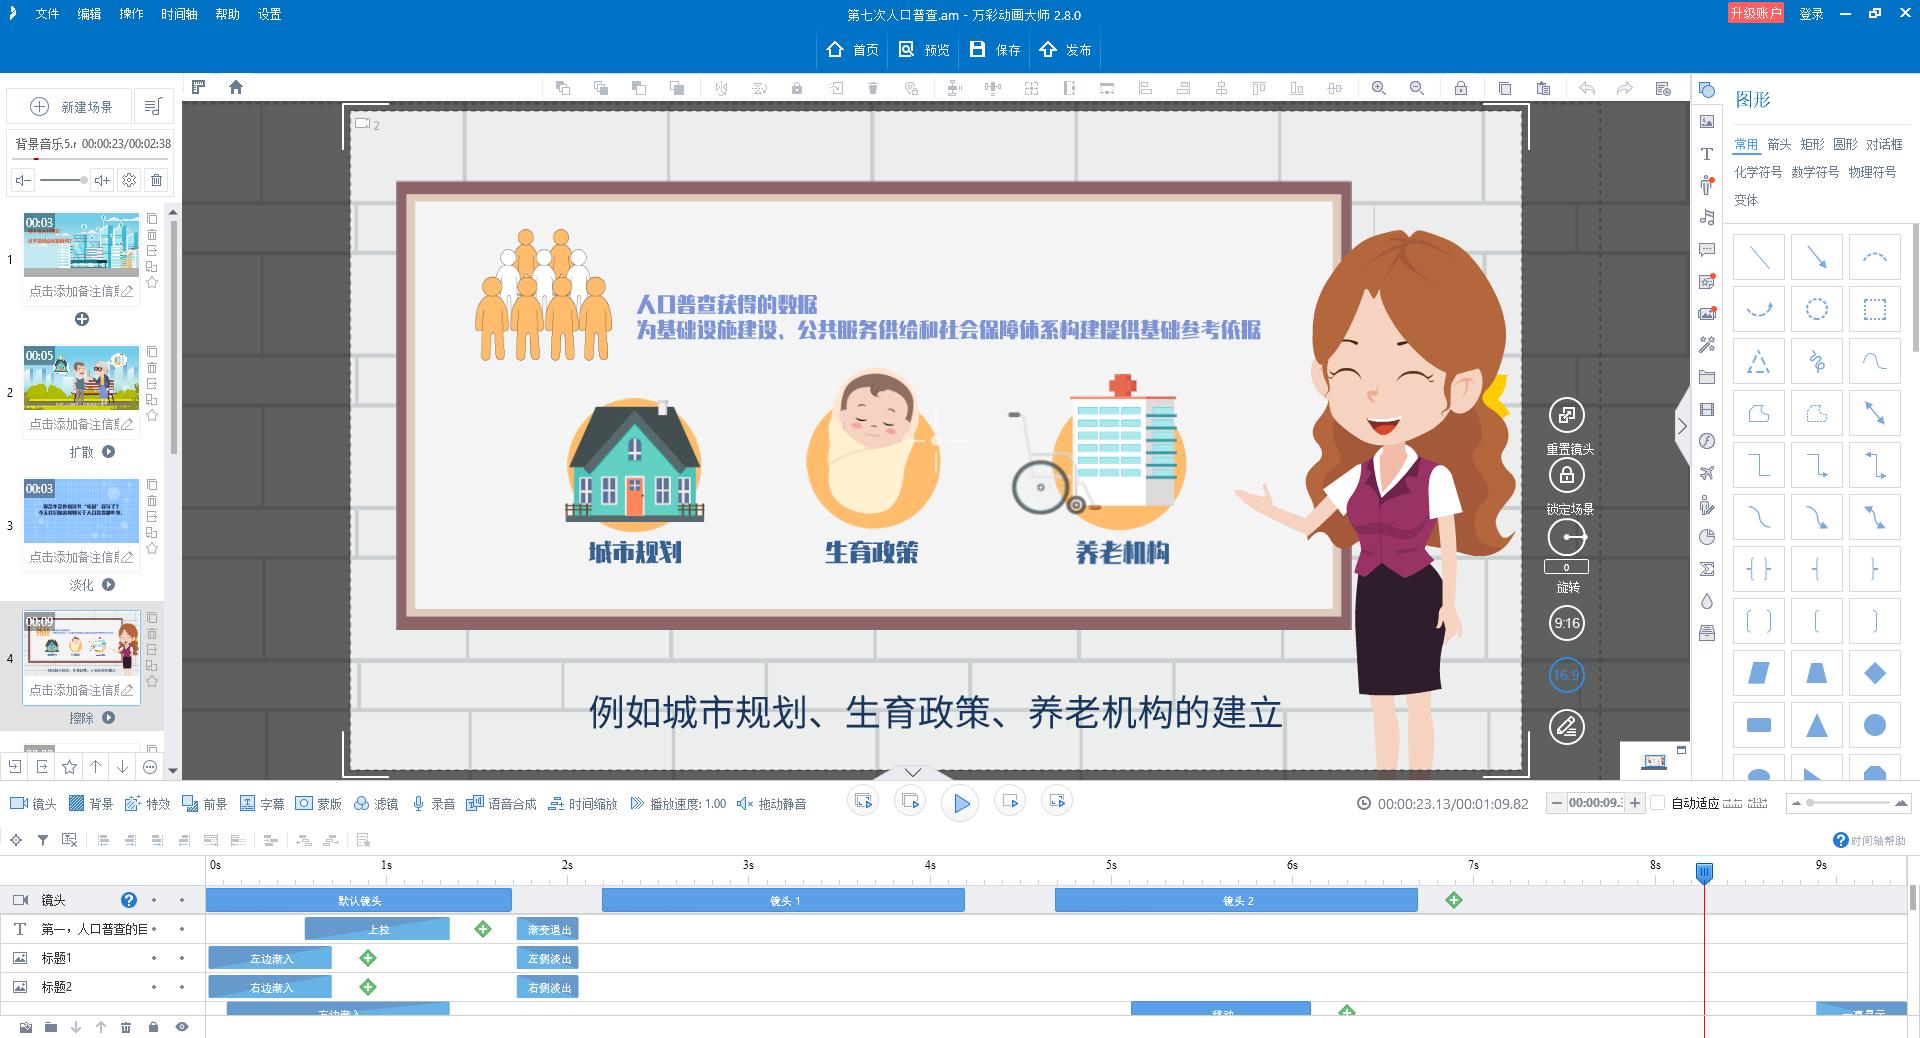 万彩动画大师——快速制作动画视频软件,限时送激活码!-QiuQuan's Blog